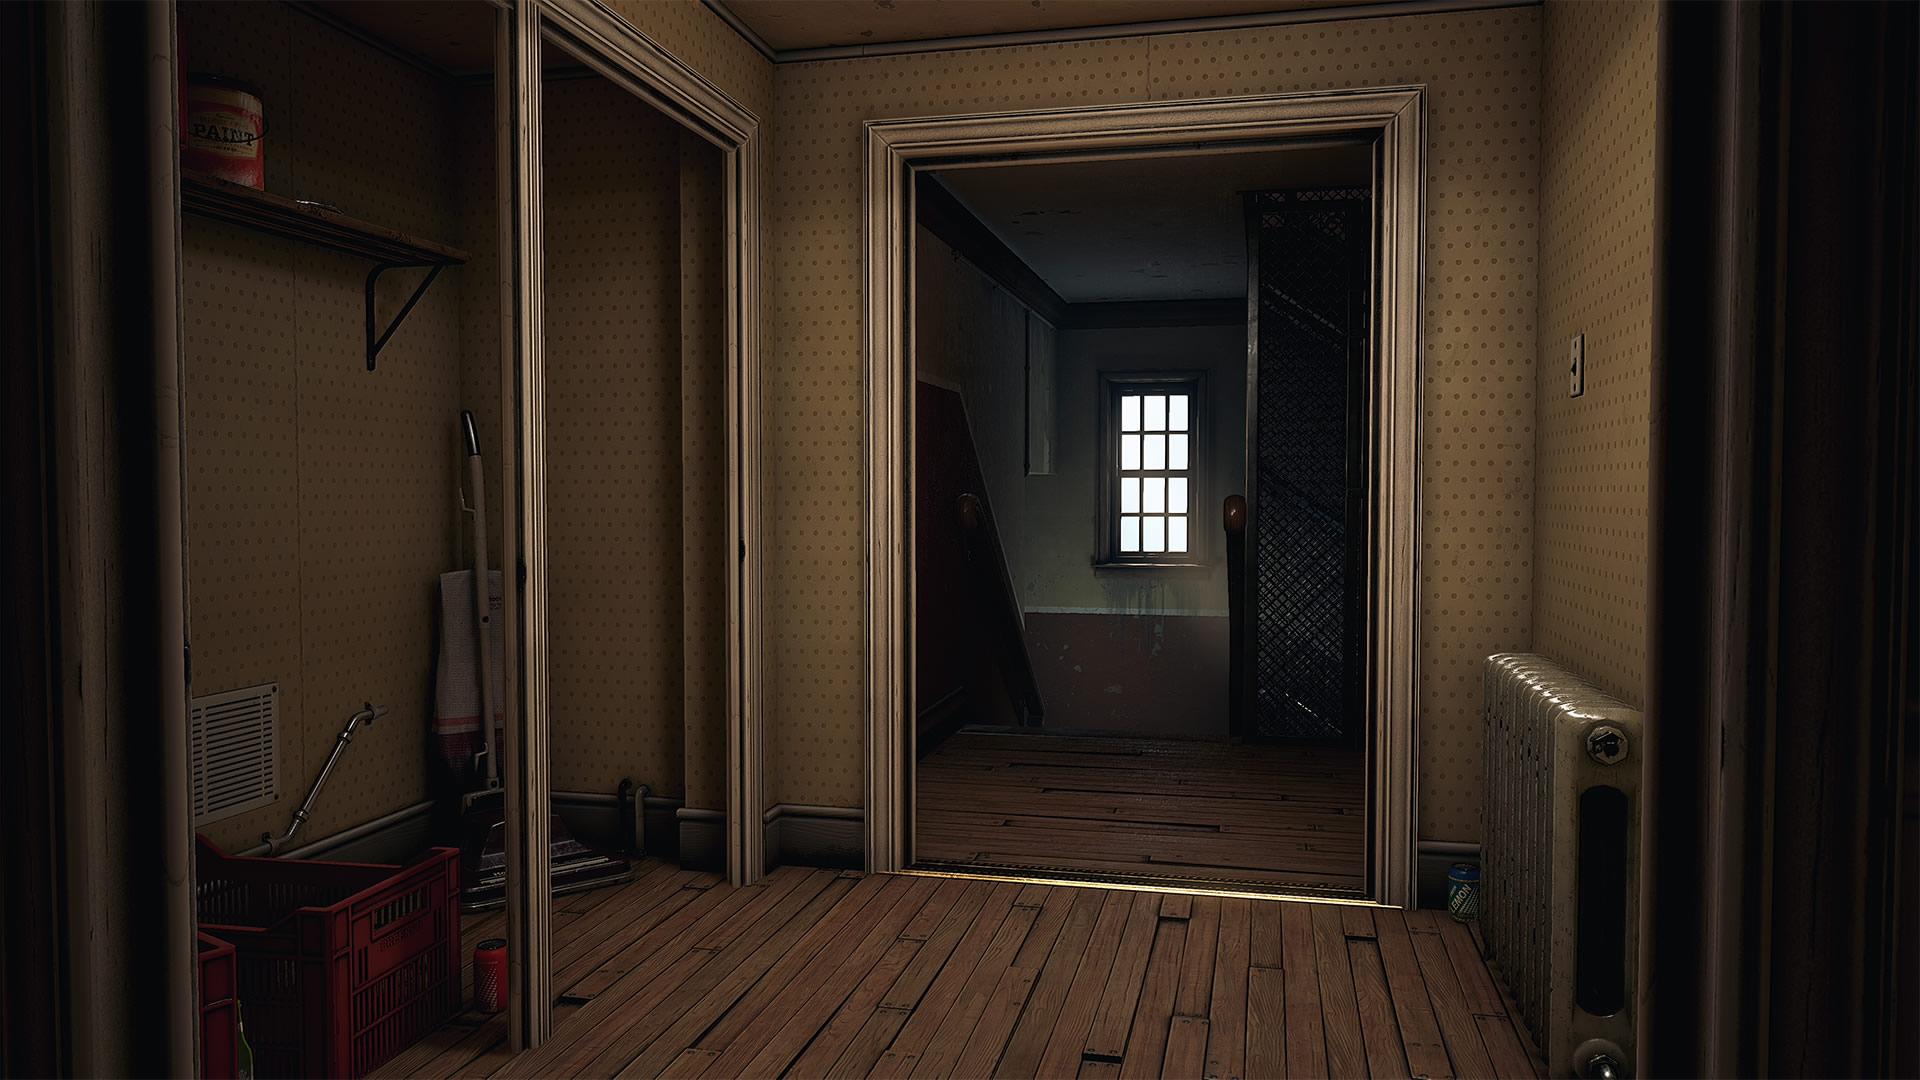 Художник показал реалистичный туалет из Silent Hill на Unreal Engine 4 и с рейтрейсингом